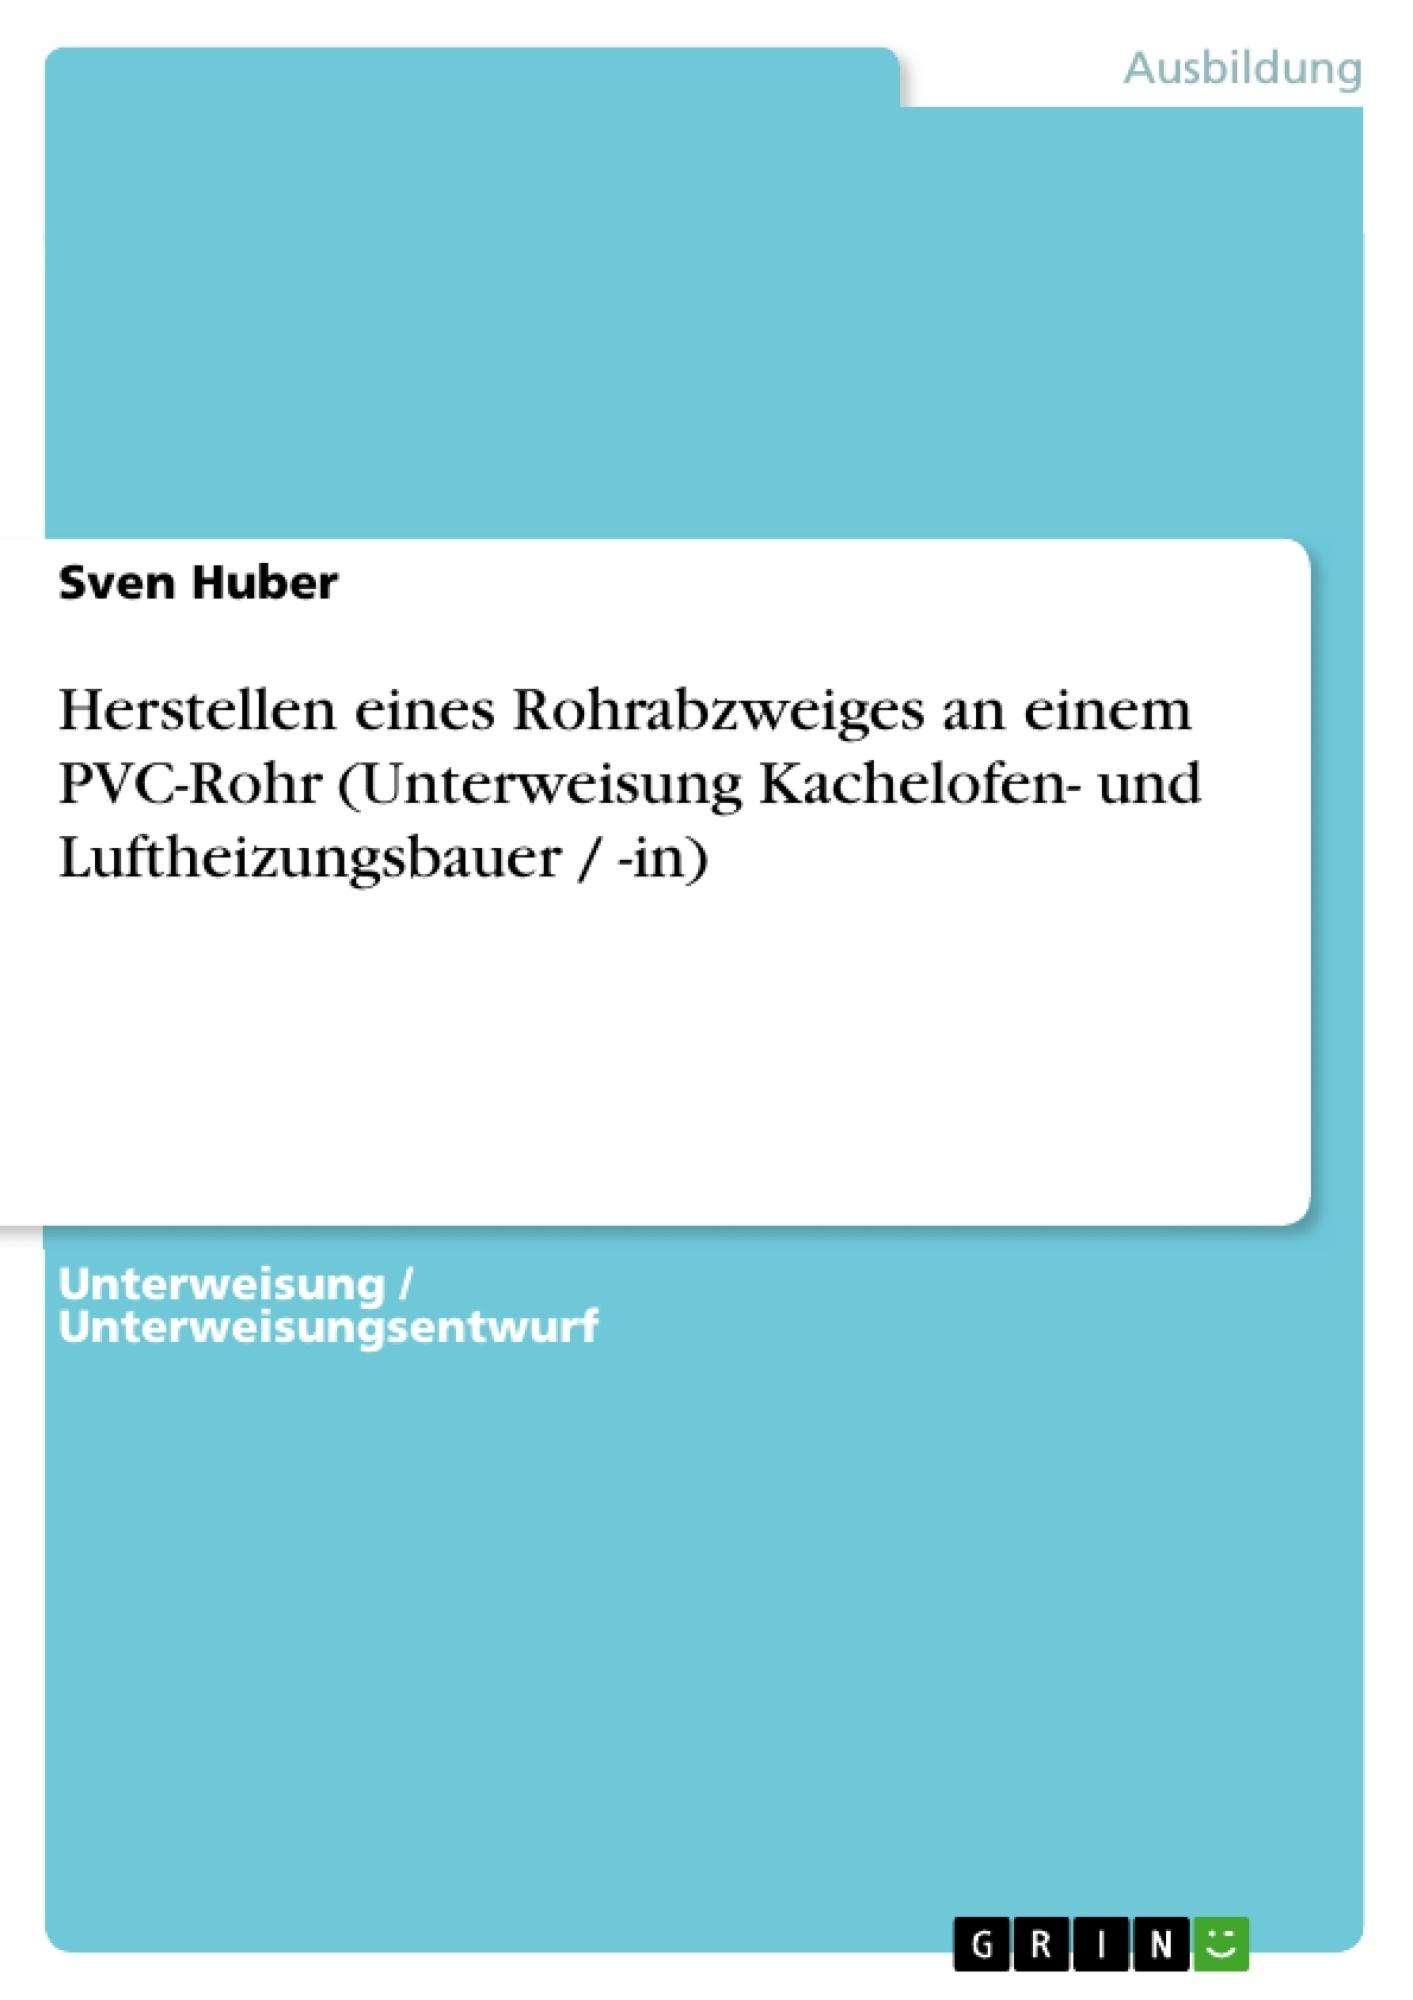 Titel: Herstellen eines Rohrabzweiges an einem PVC-Rohr (Unterweisung Kachelofen- und Luftheizungsbauer / -in)